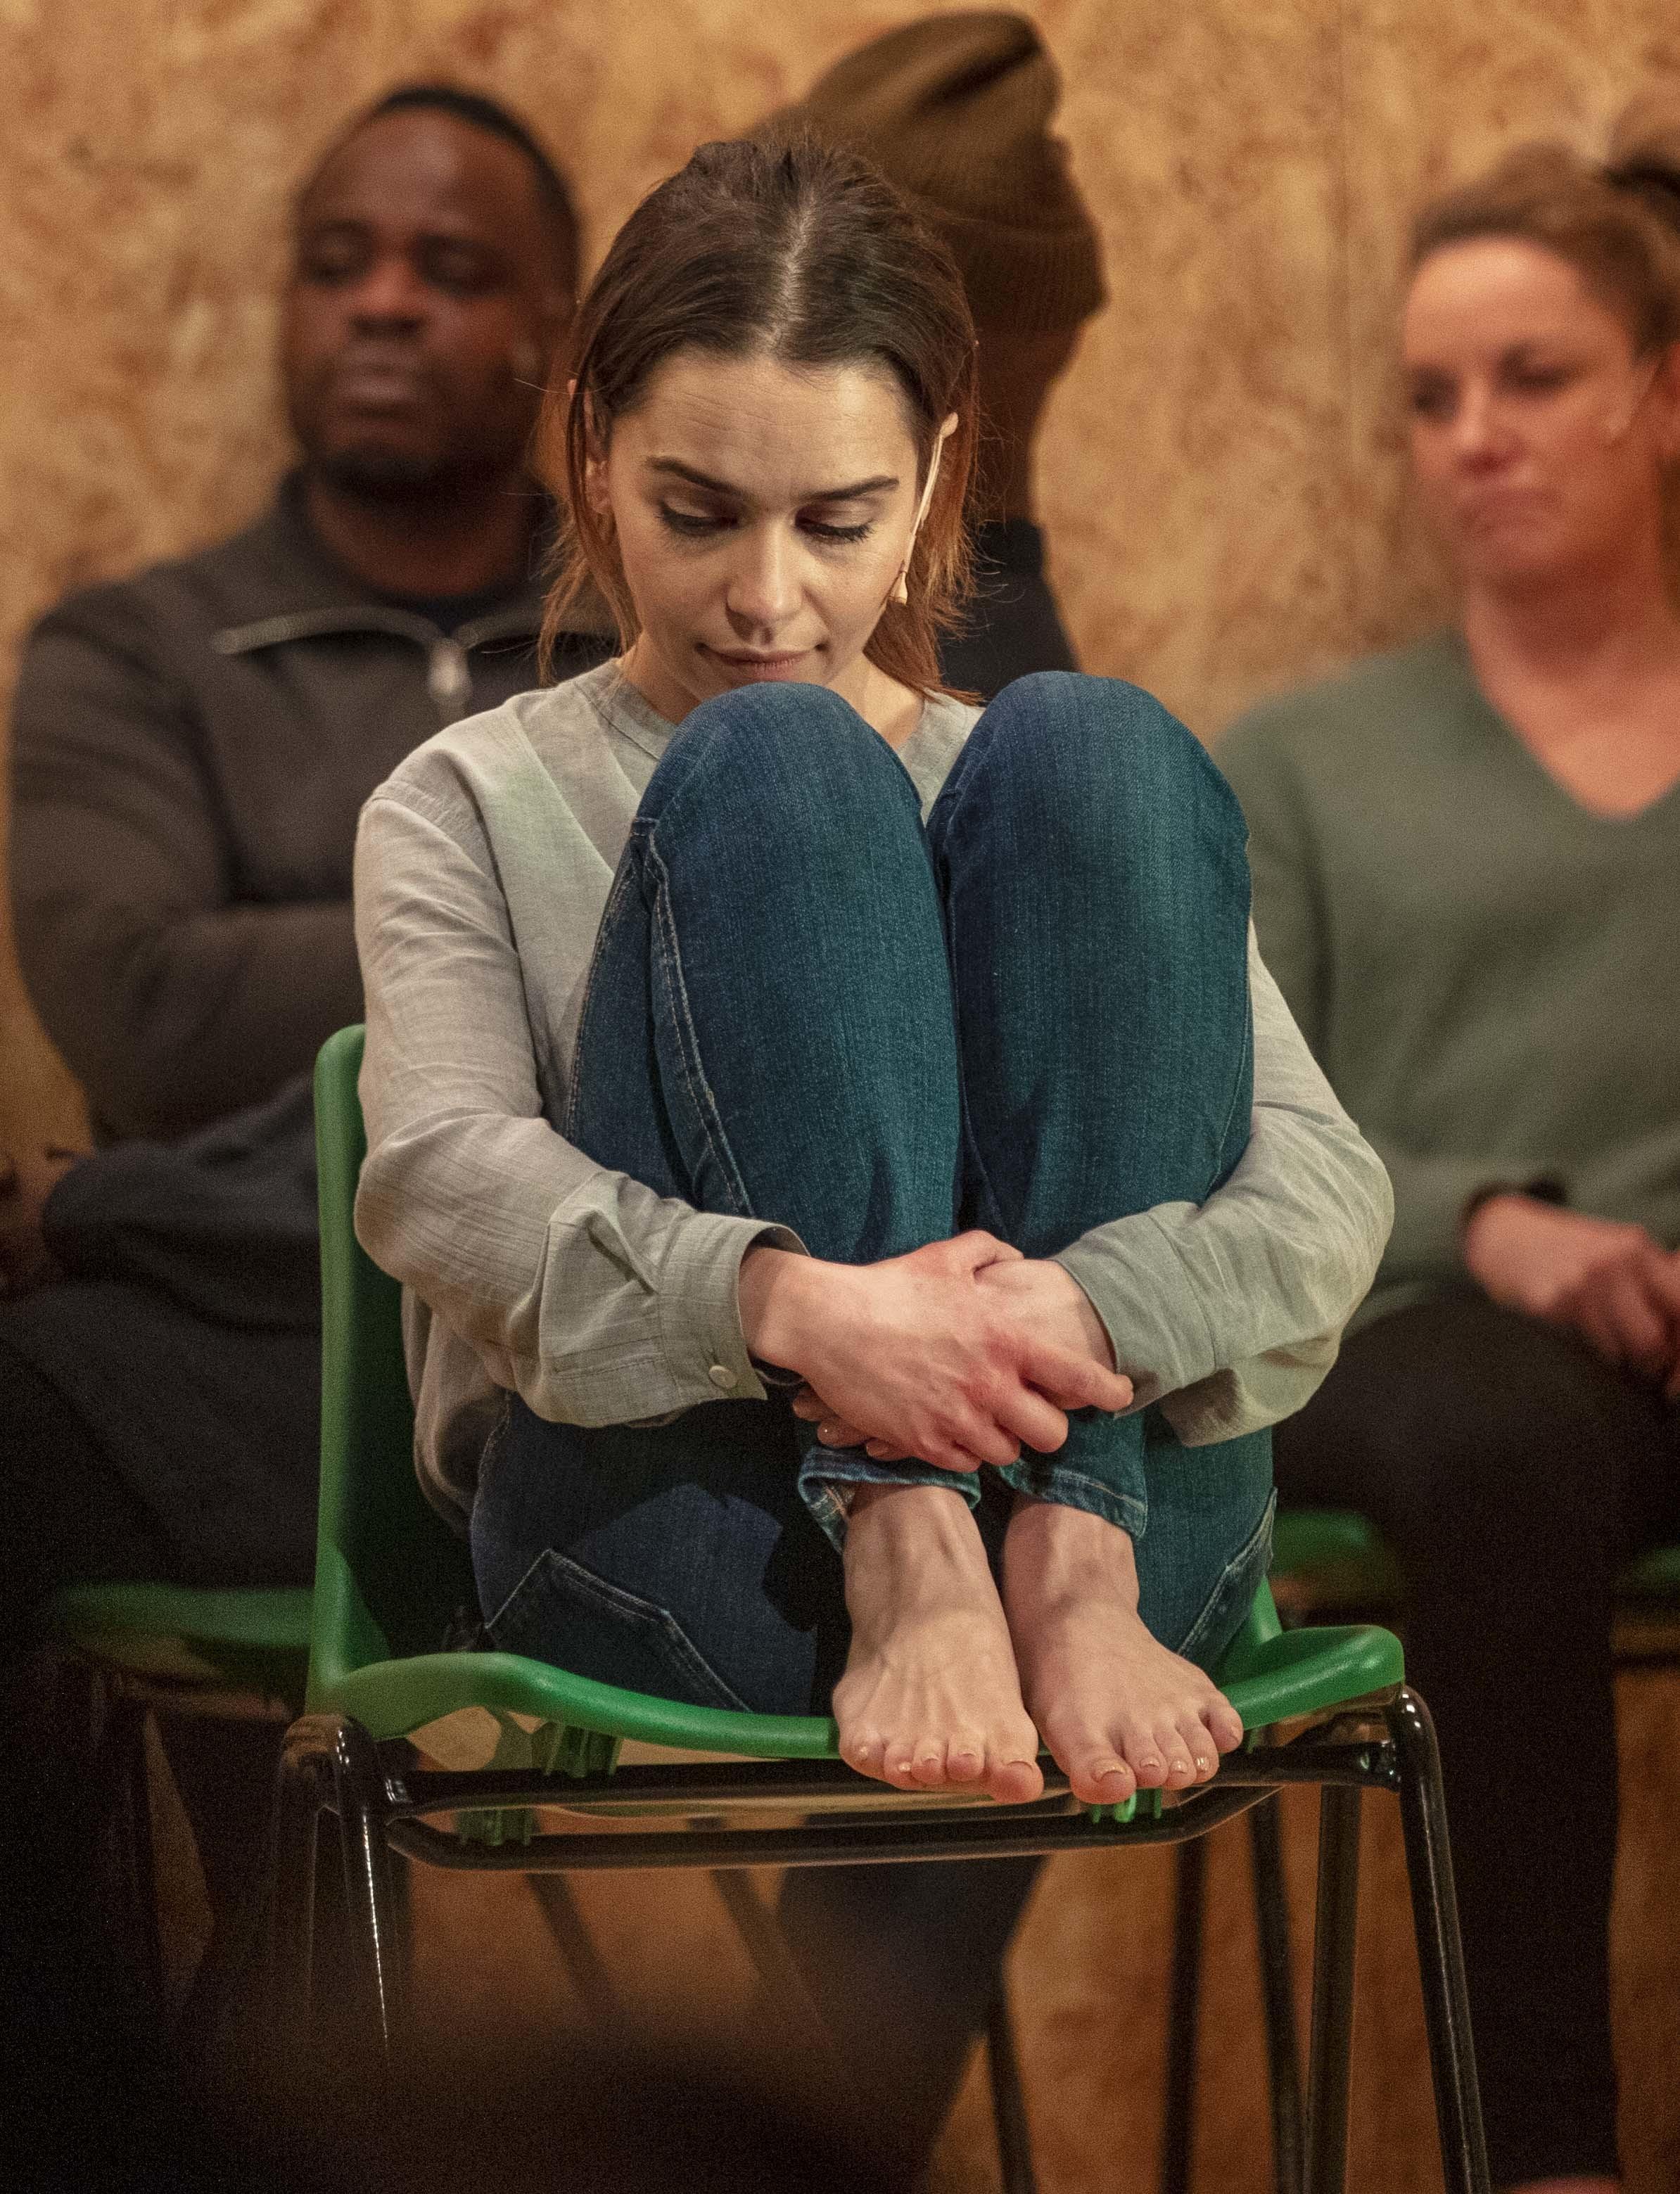 https://pics.wikifeet.com/Emilia-Clarke-Feet-4867845.jpg